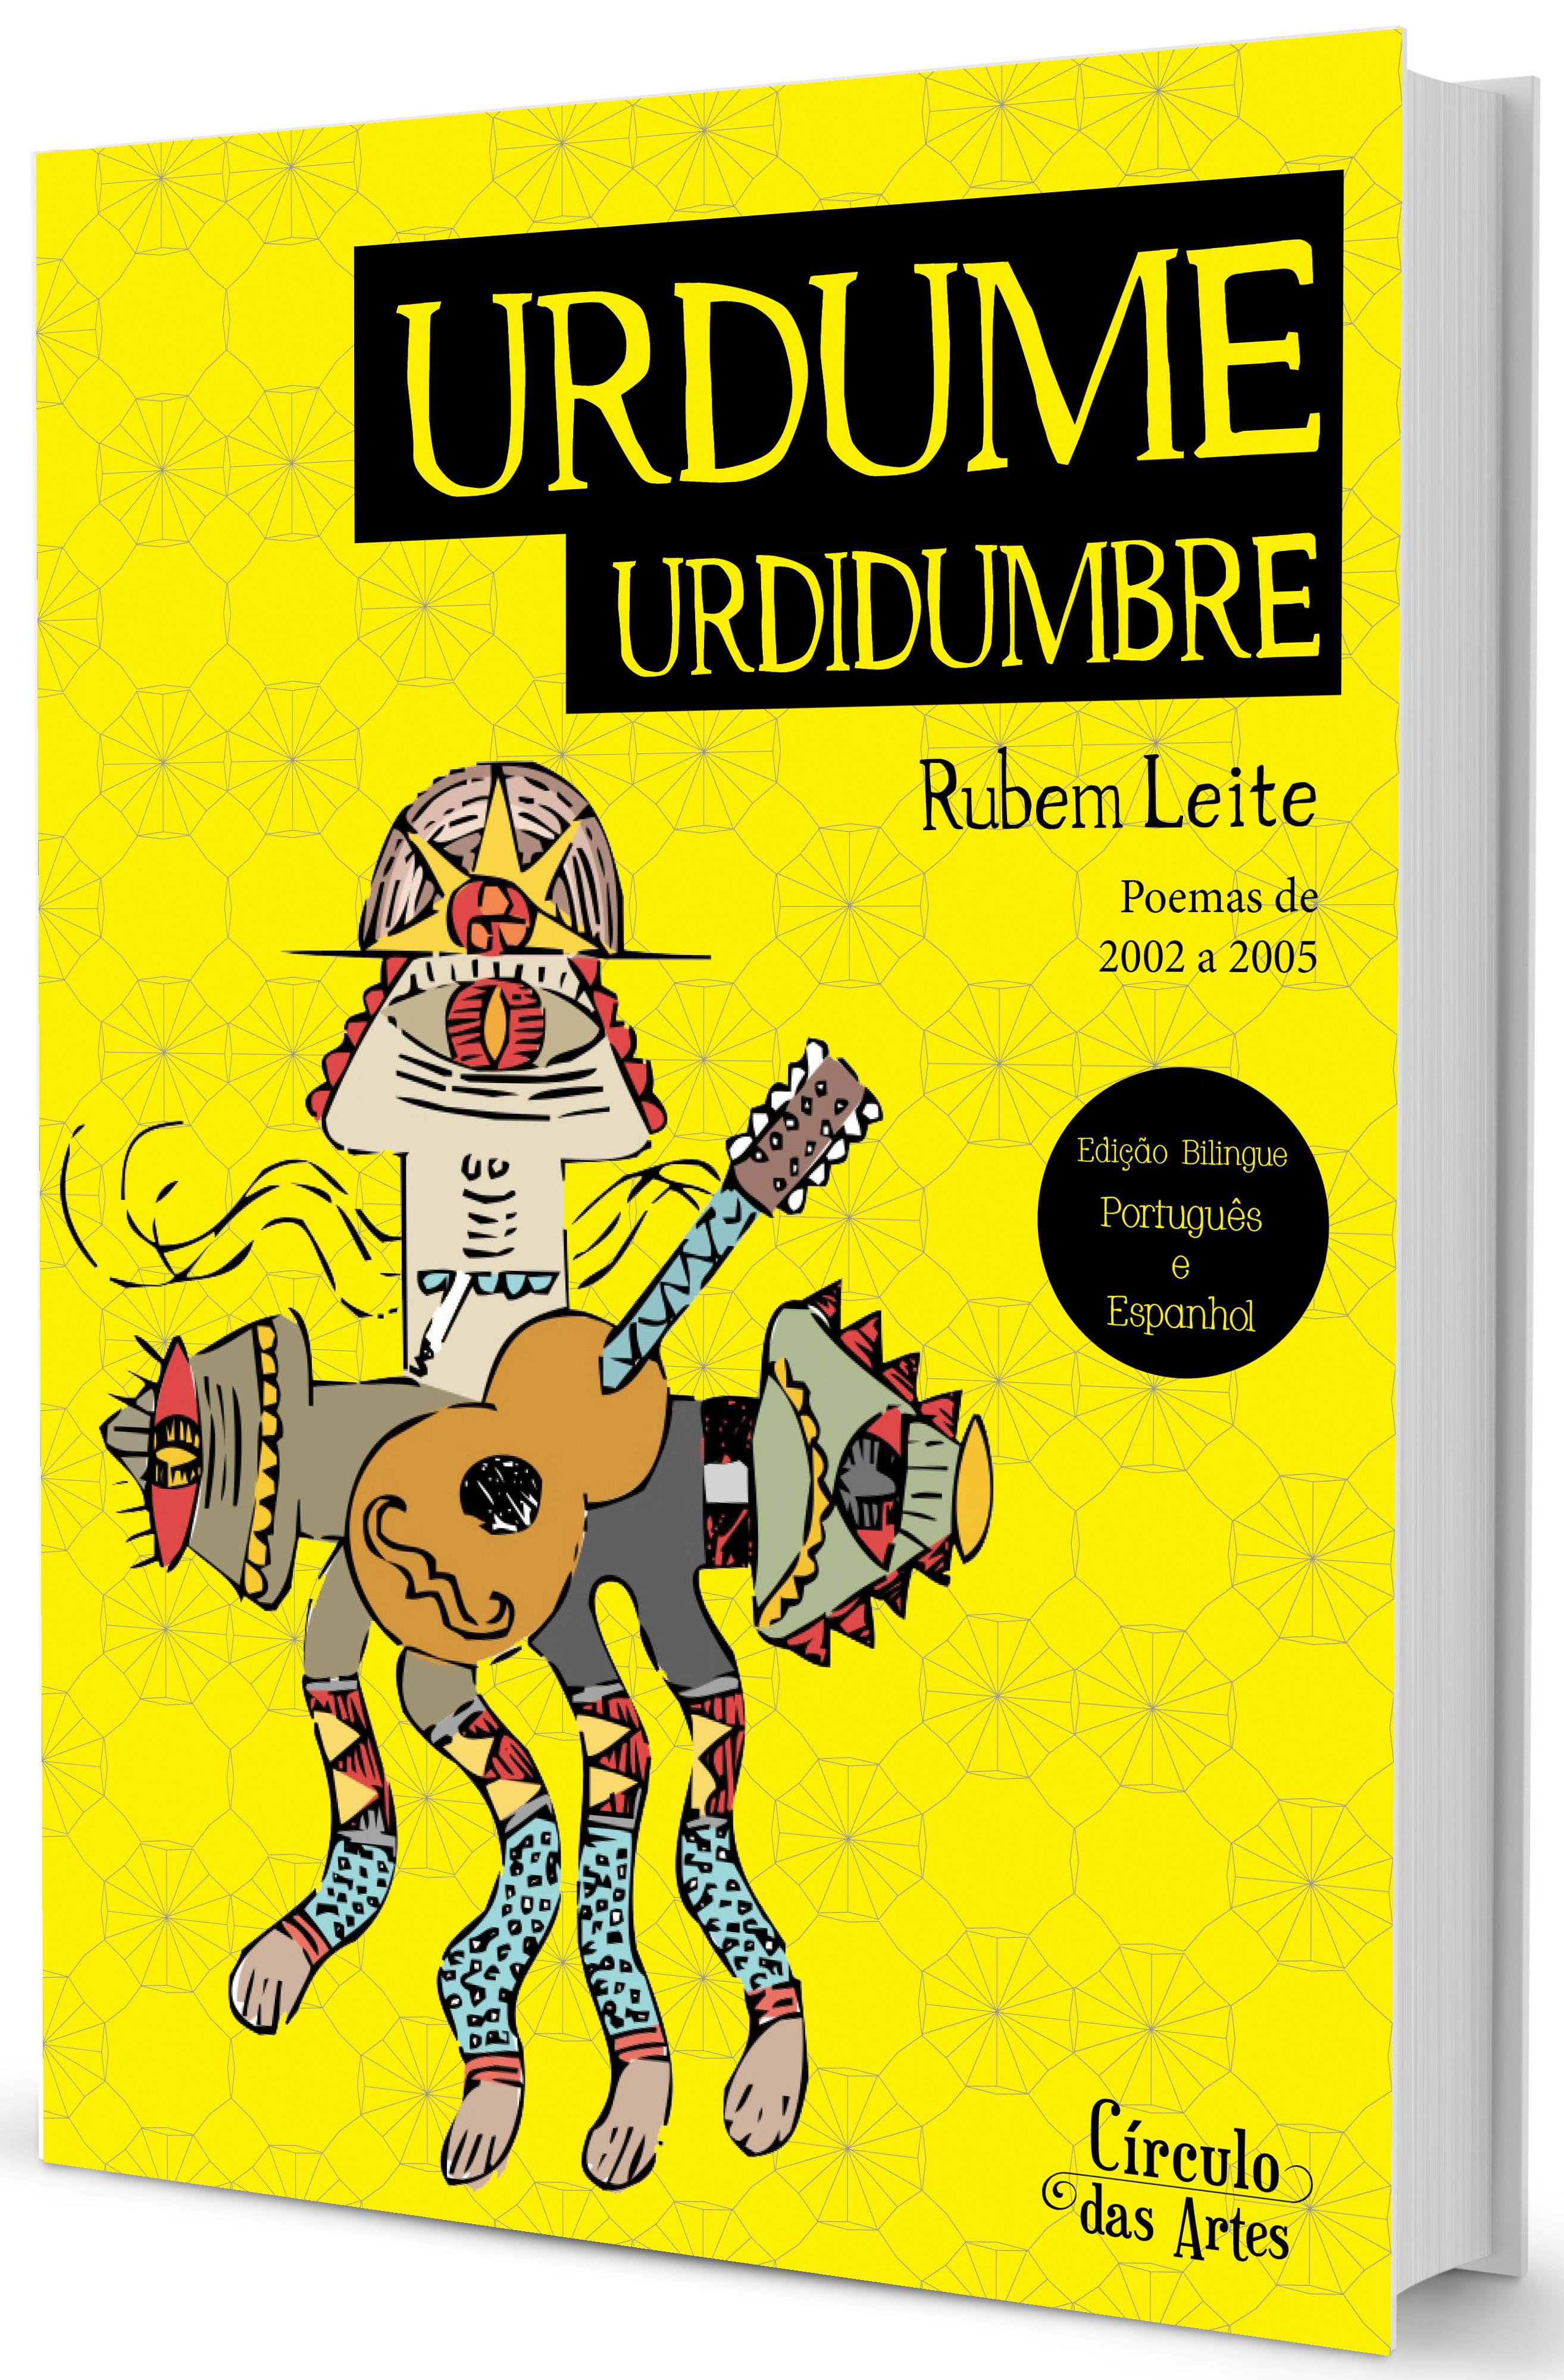 Urdrume Urdidumbre